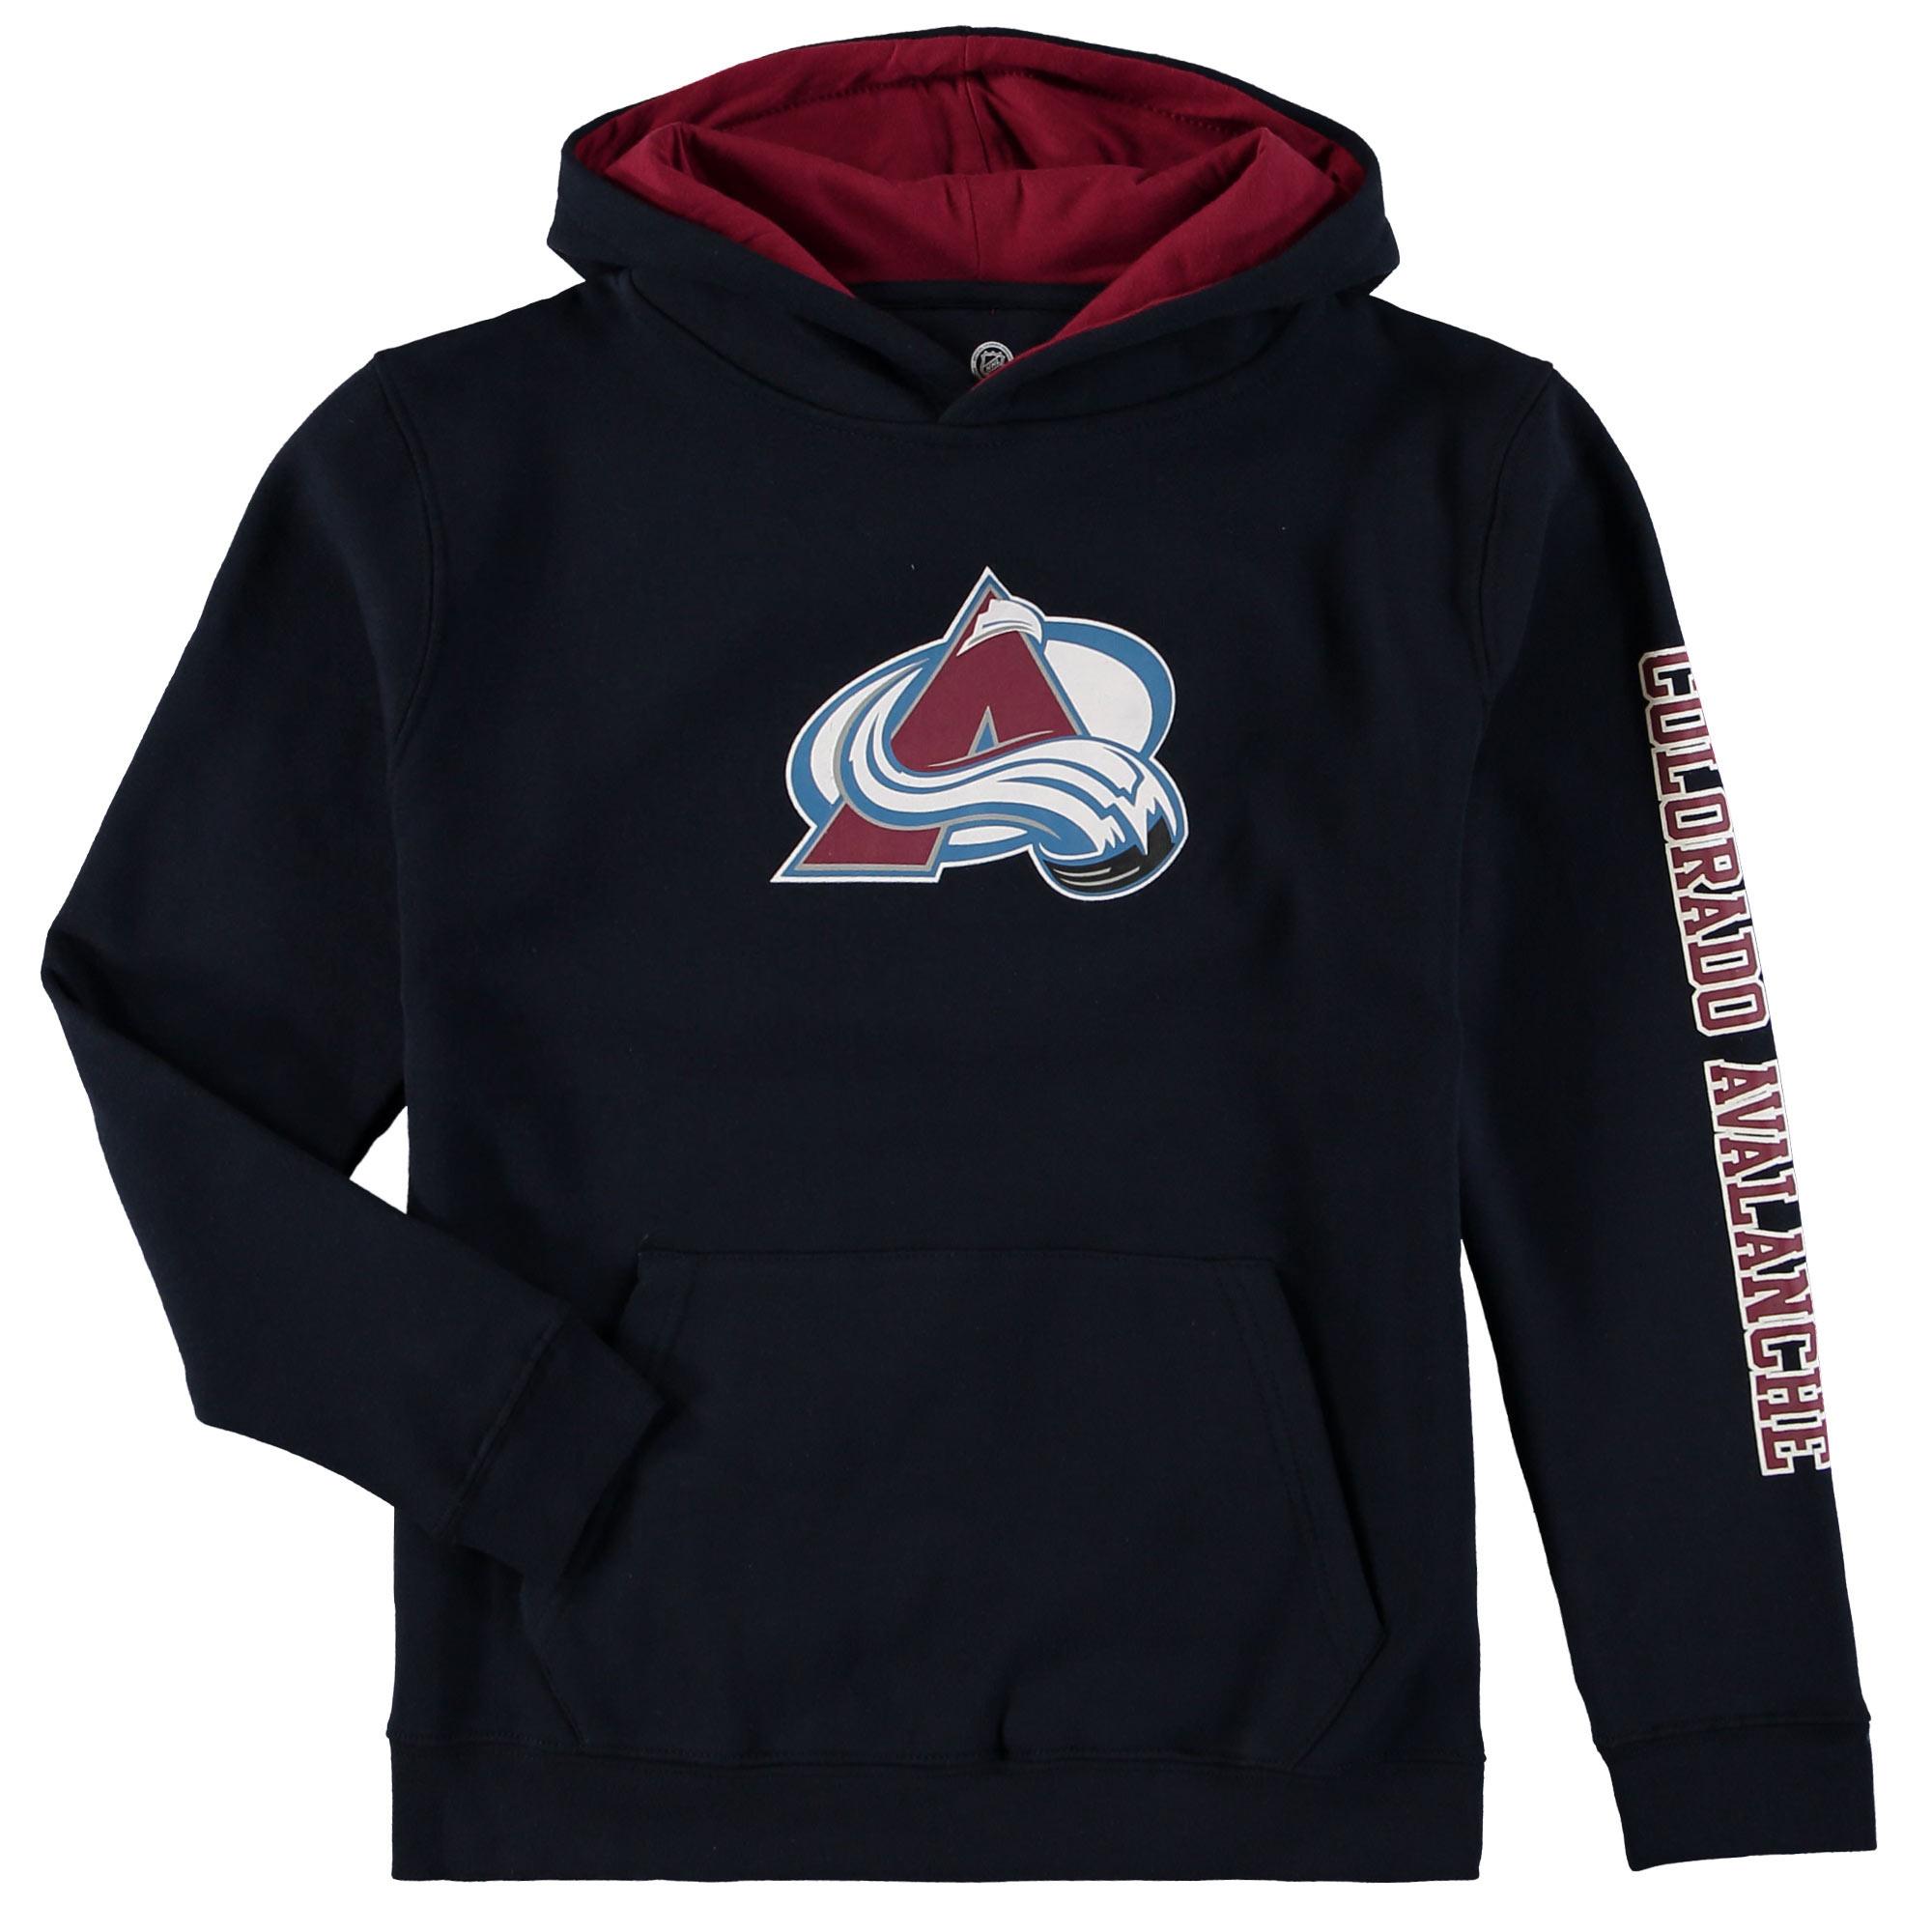 Fanatics Branded Dětská mikina Colorado Avalanche NHL Zone Fleece Velikost: Dětské M (9 - 11 let)